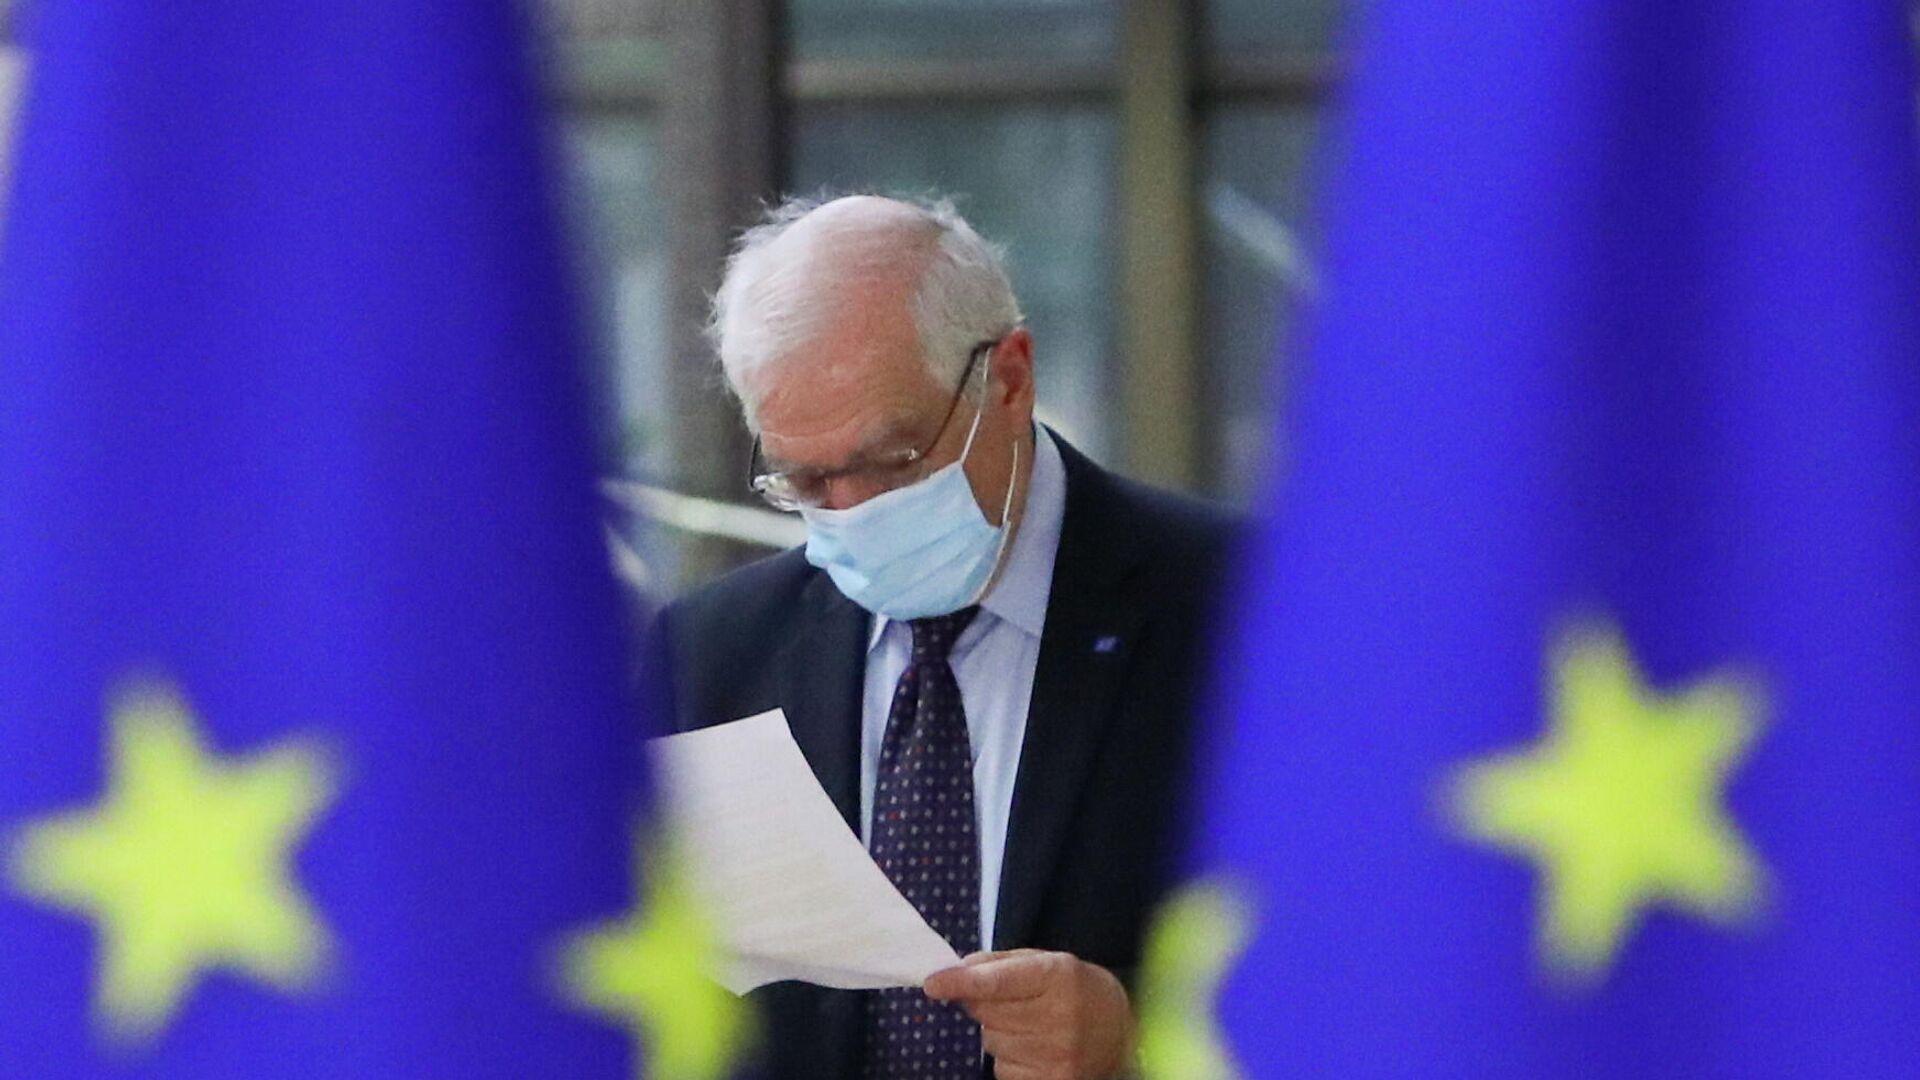 Верховный представитель Евросоюза по иностранным делам и политике безопасности Жозеп Боррель перед началом встречи министров иностранных дел ЕС в Брюсселе - РИА Новости, 1920, 23.03.2021